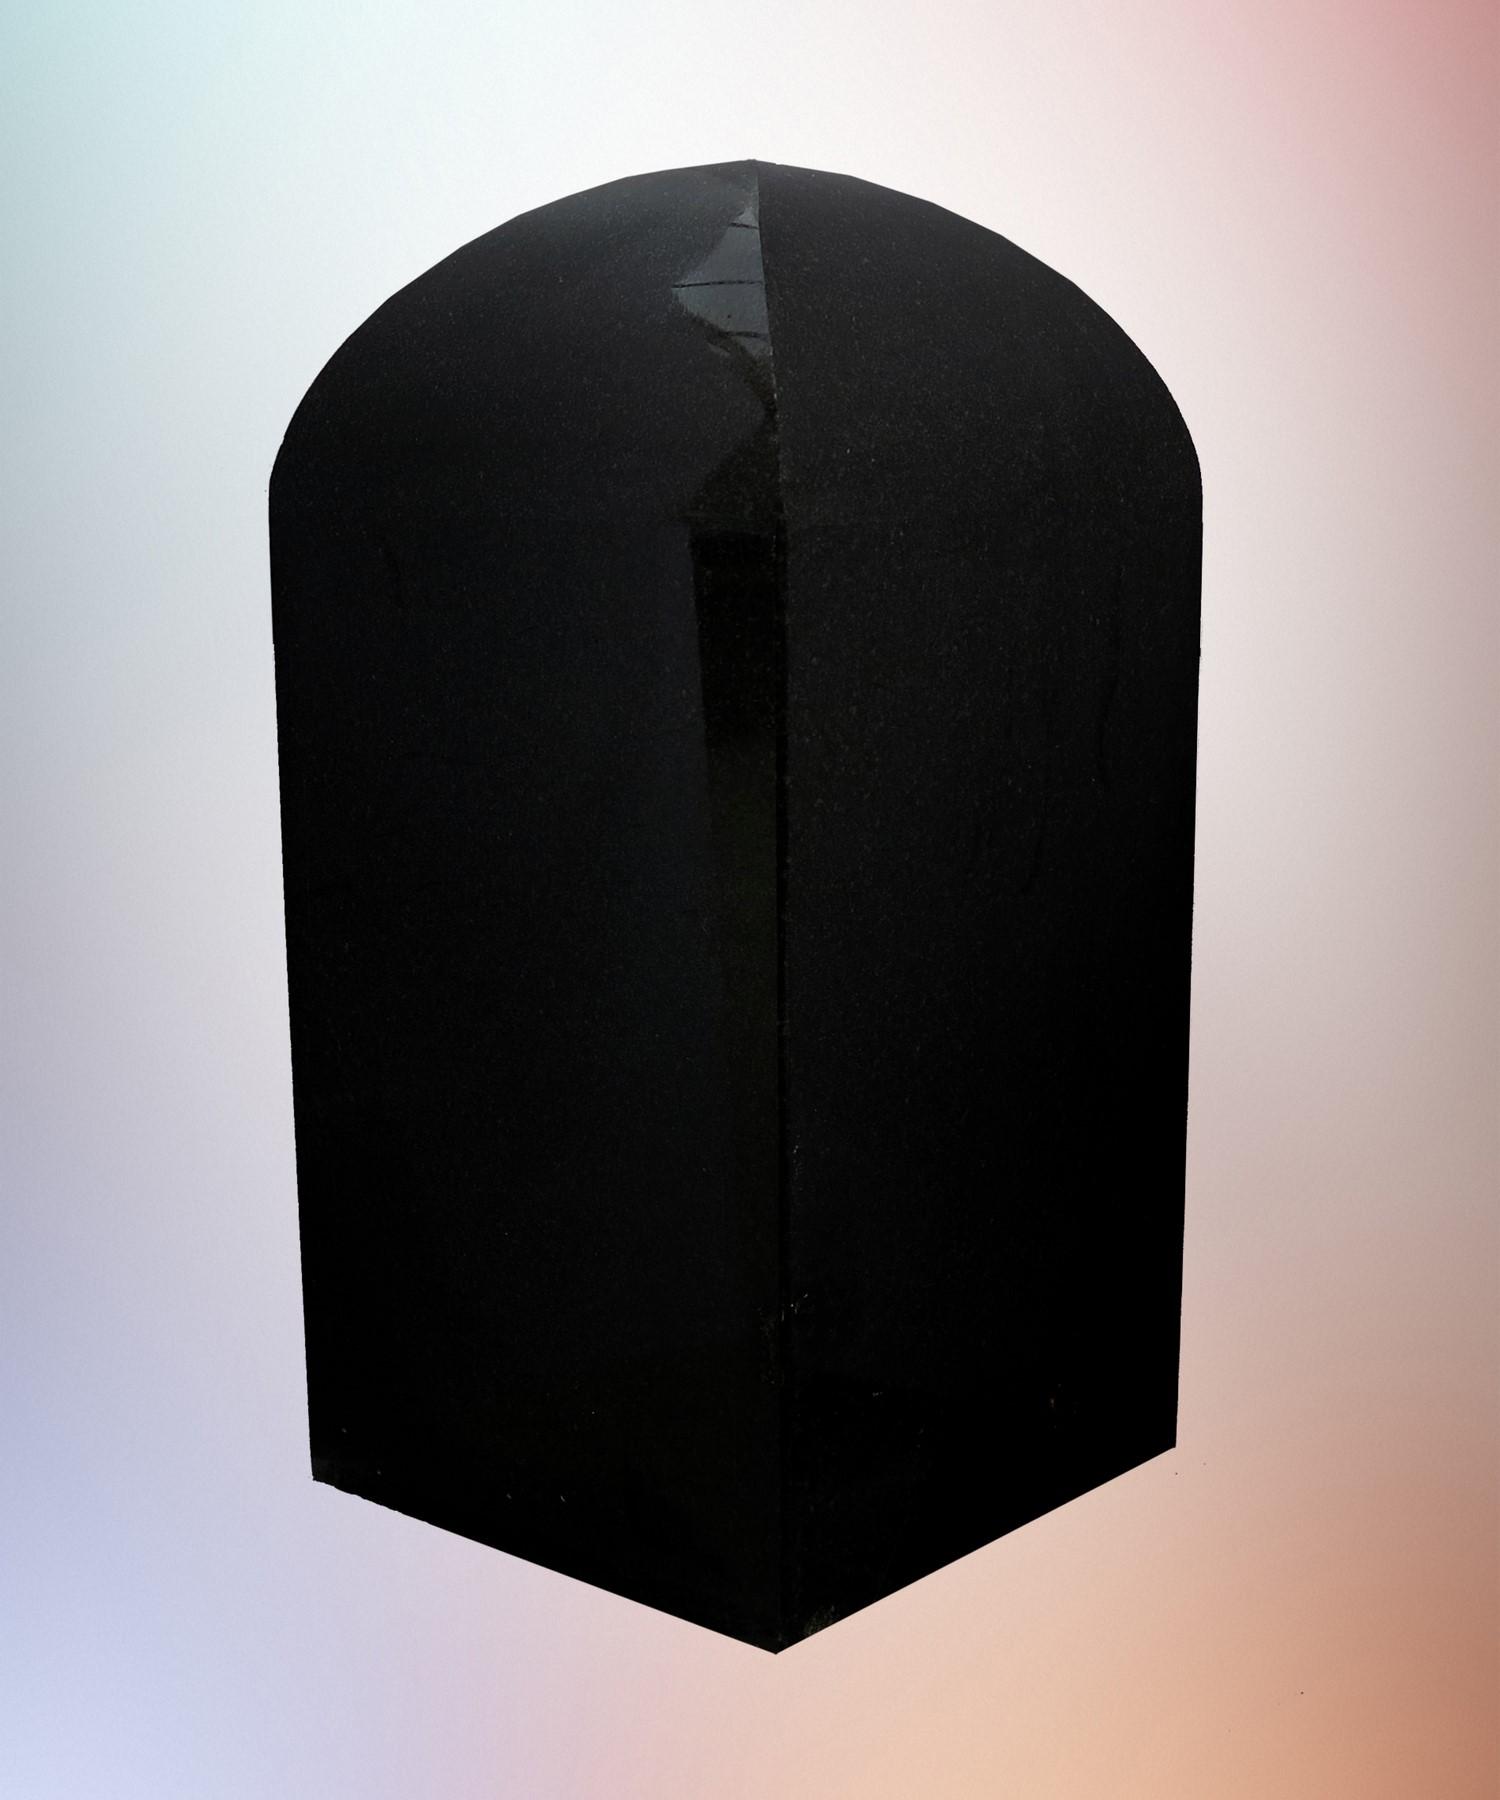 Кубик — СК